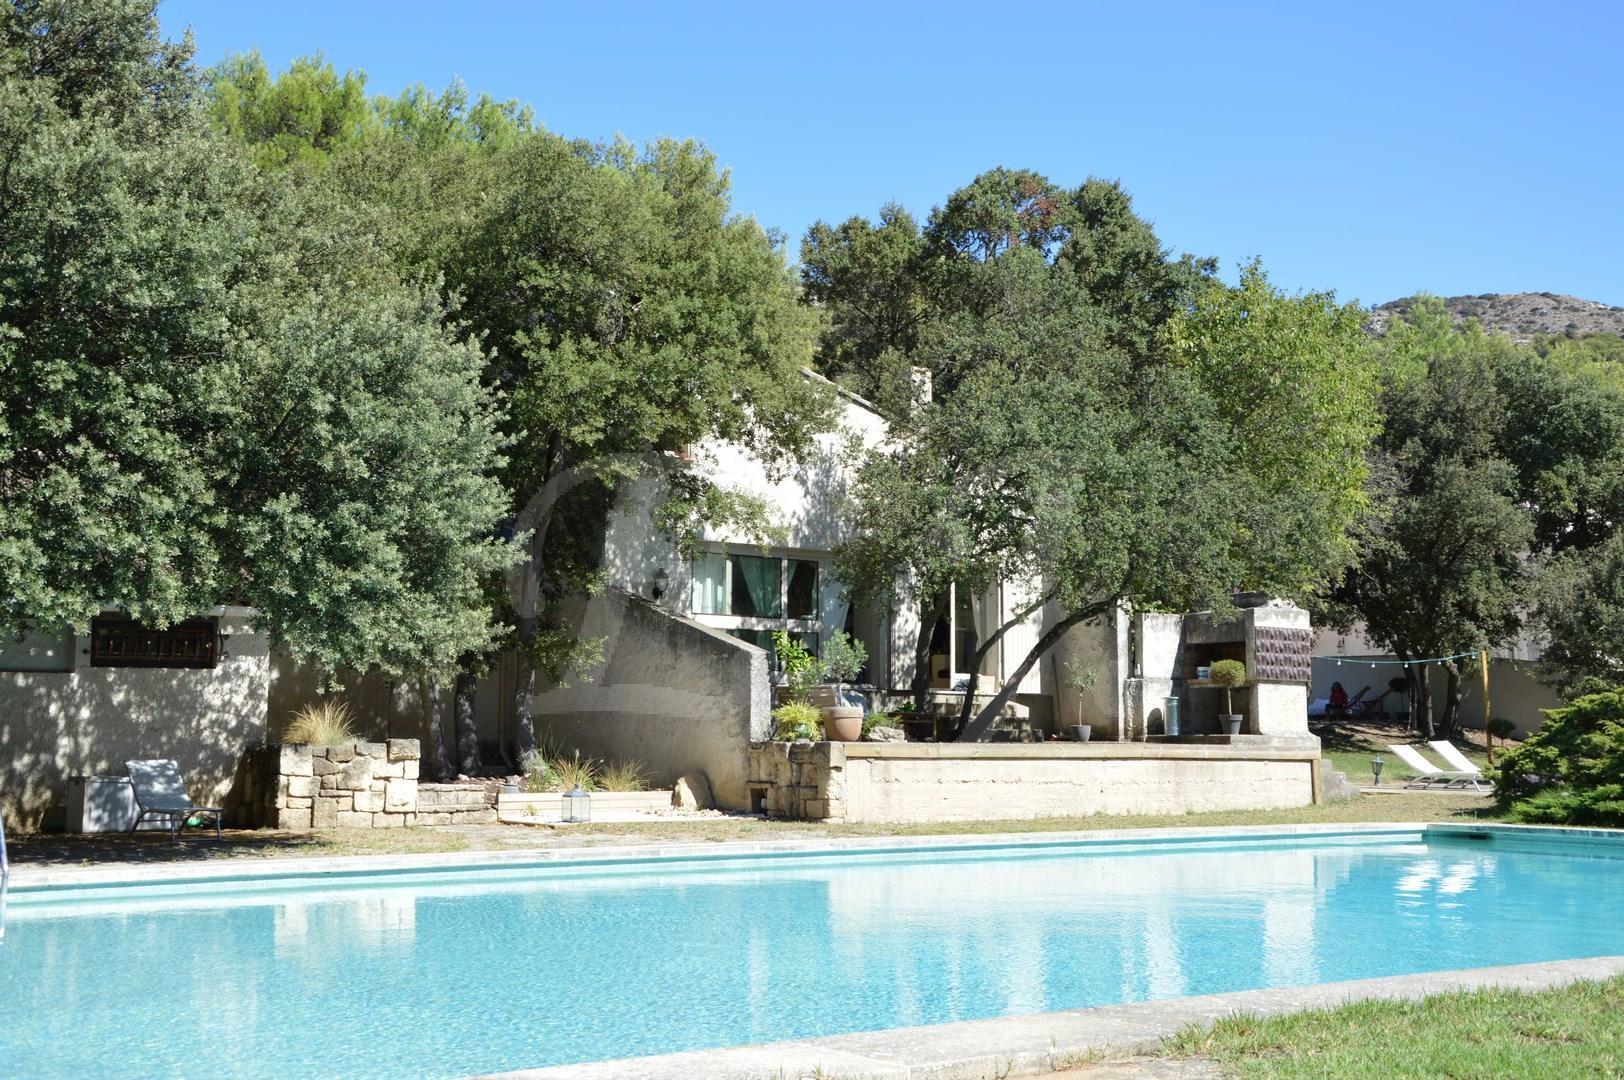 Ventes maison t4 f4 cavaillon de plain pied avec jardin for Site vente de maison